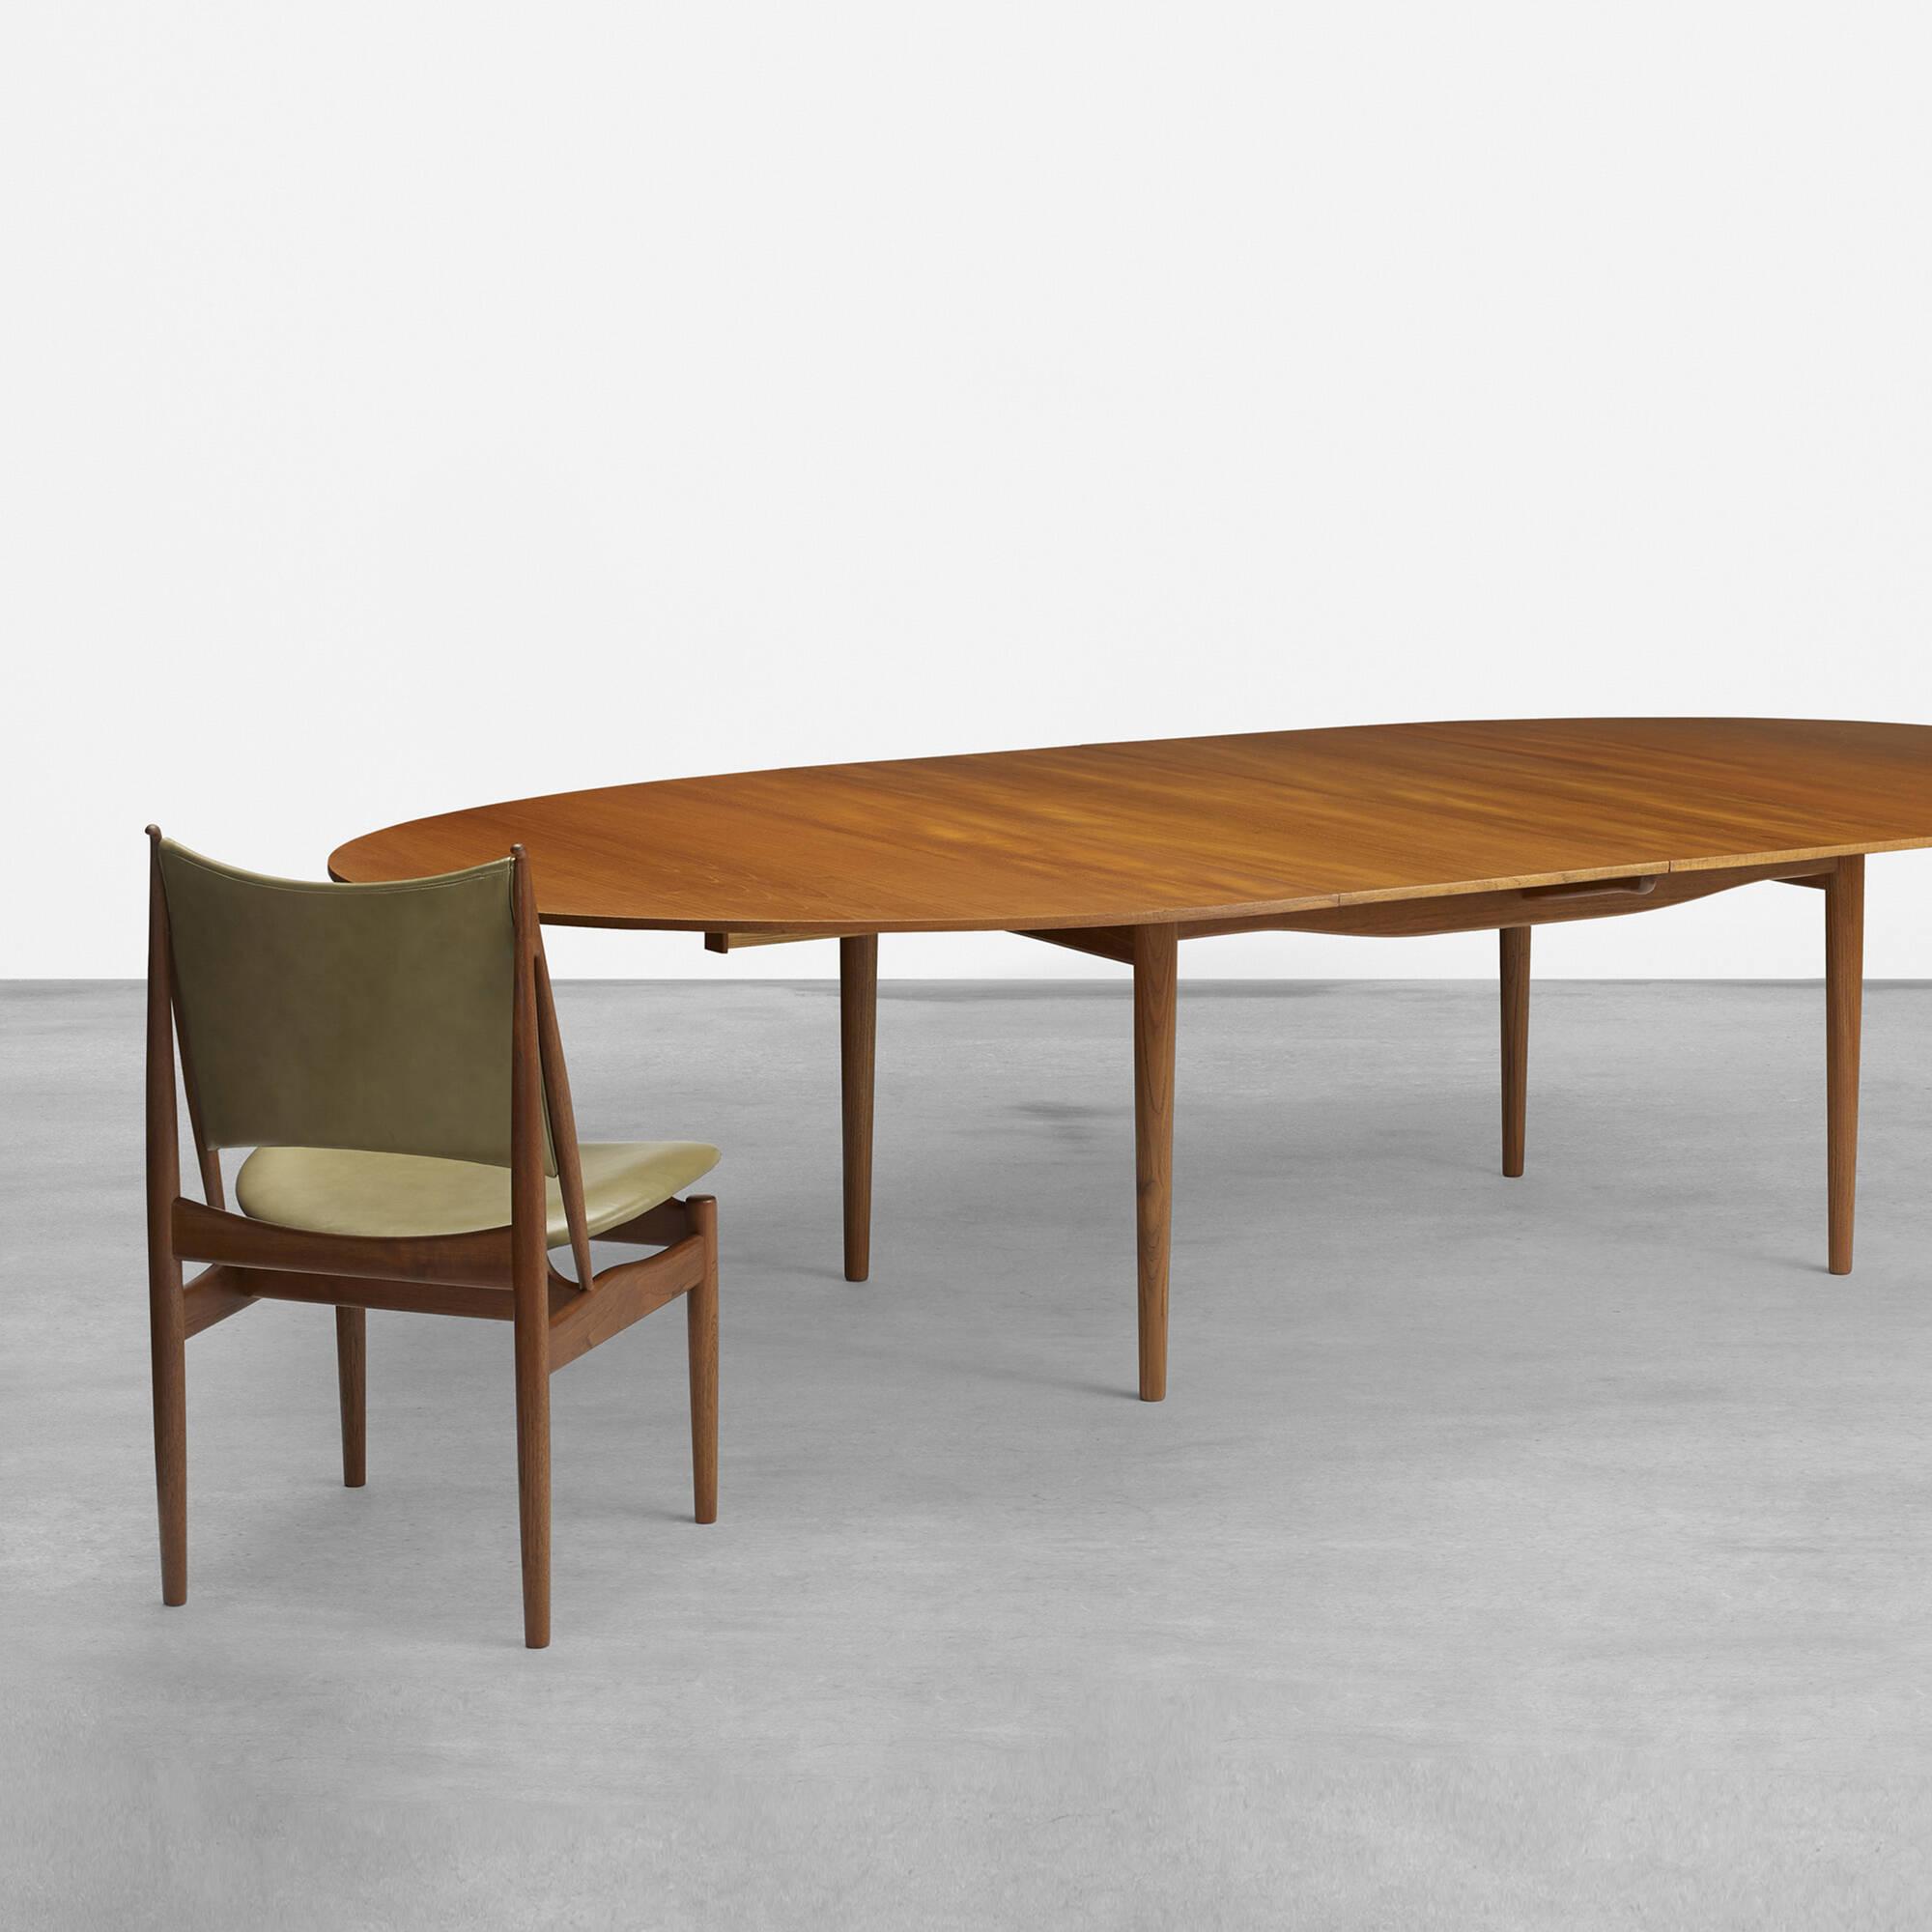 326 Finn Juhl Judas dining table Design 12 June 2014